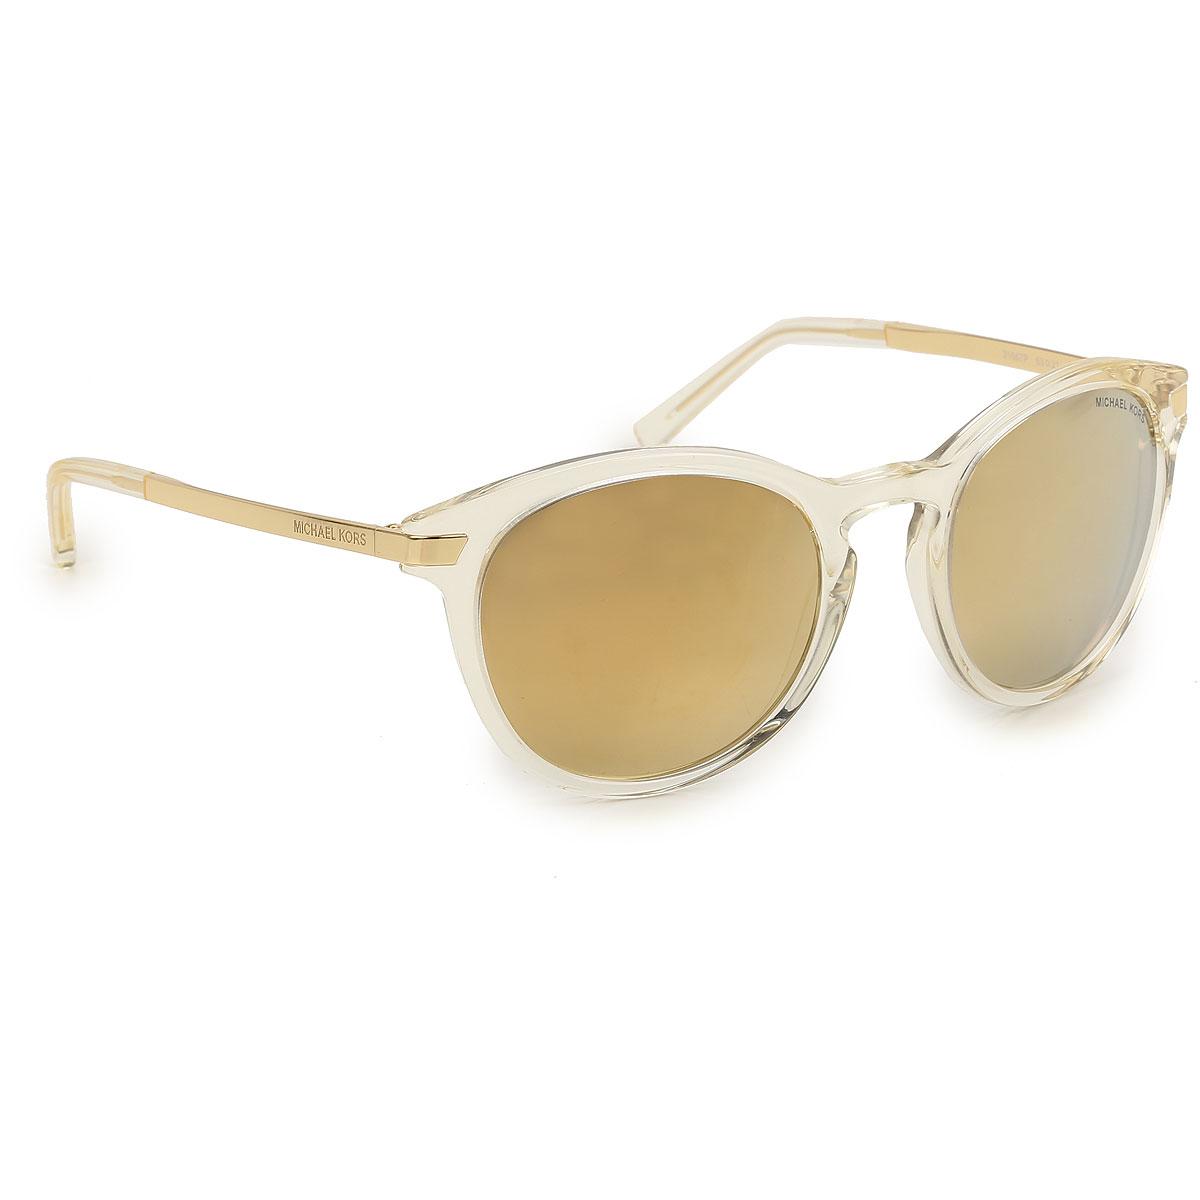 Michael Kors Sunglasses On Sale, Crystal, 2017